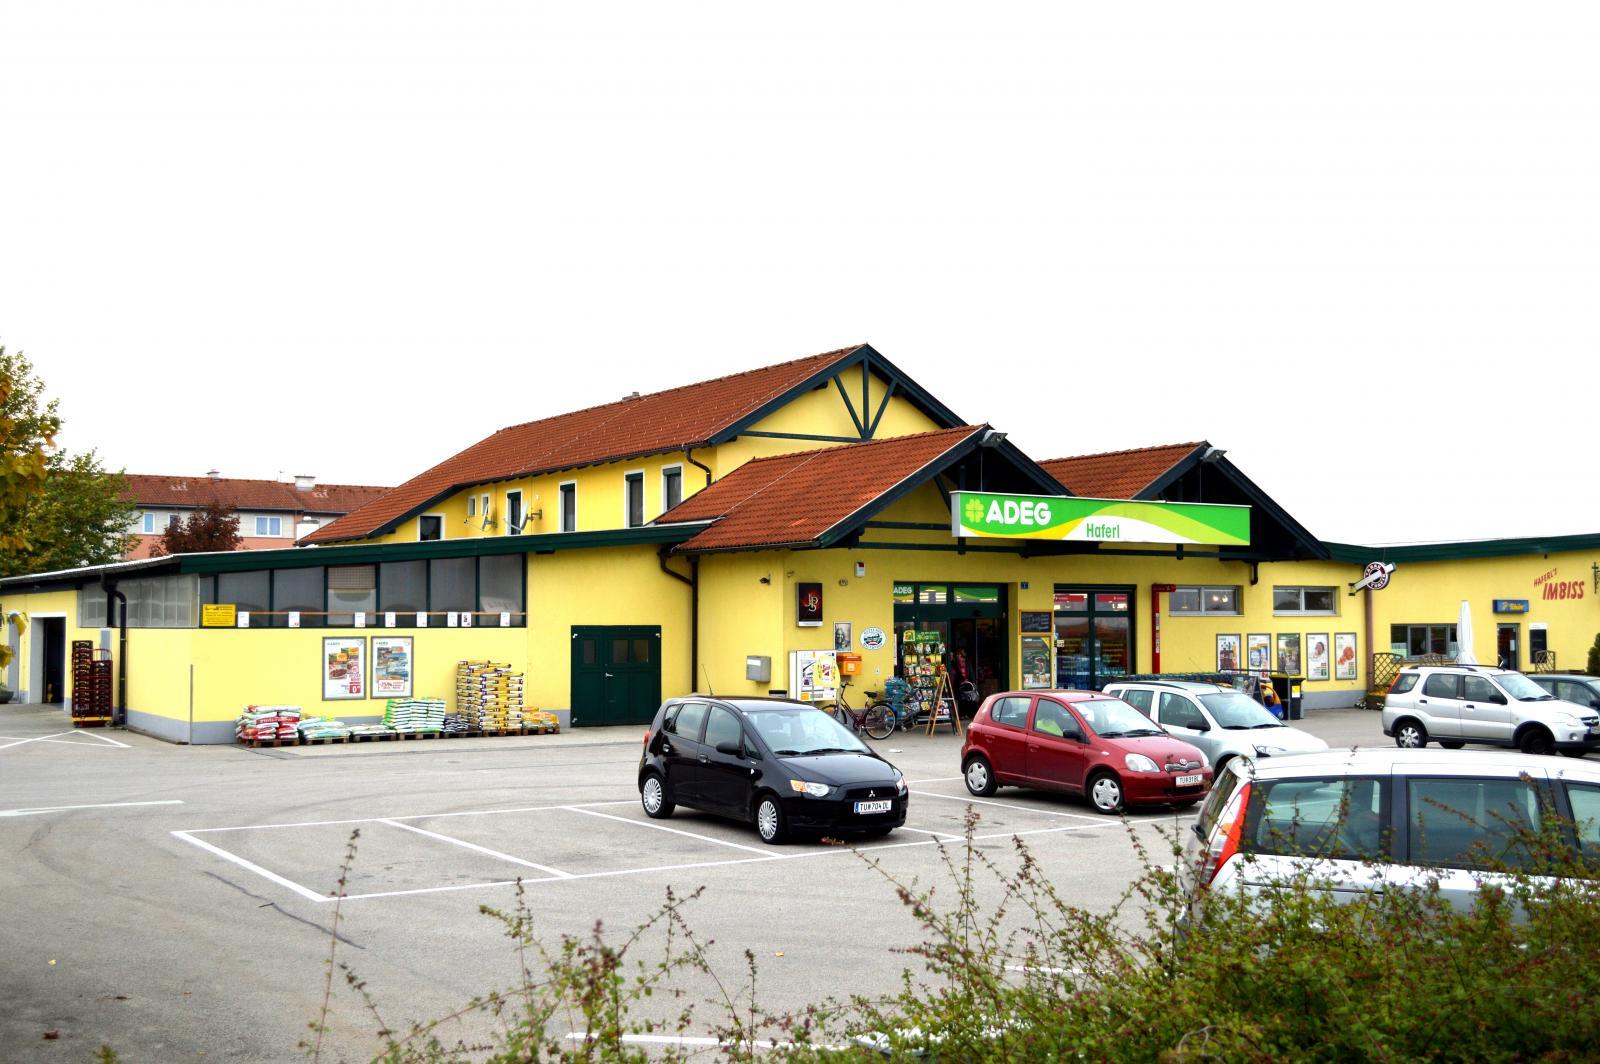 ADEG Haferl market